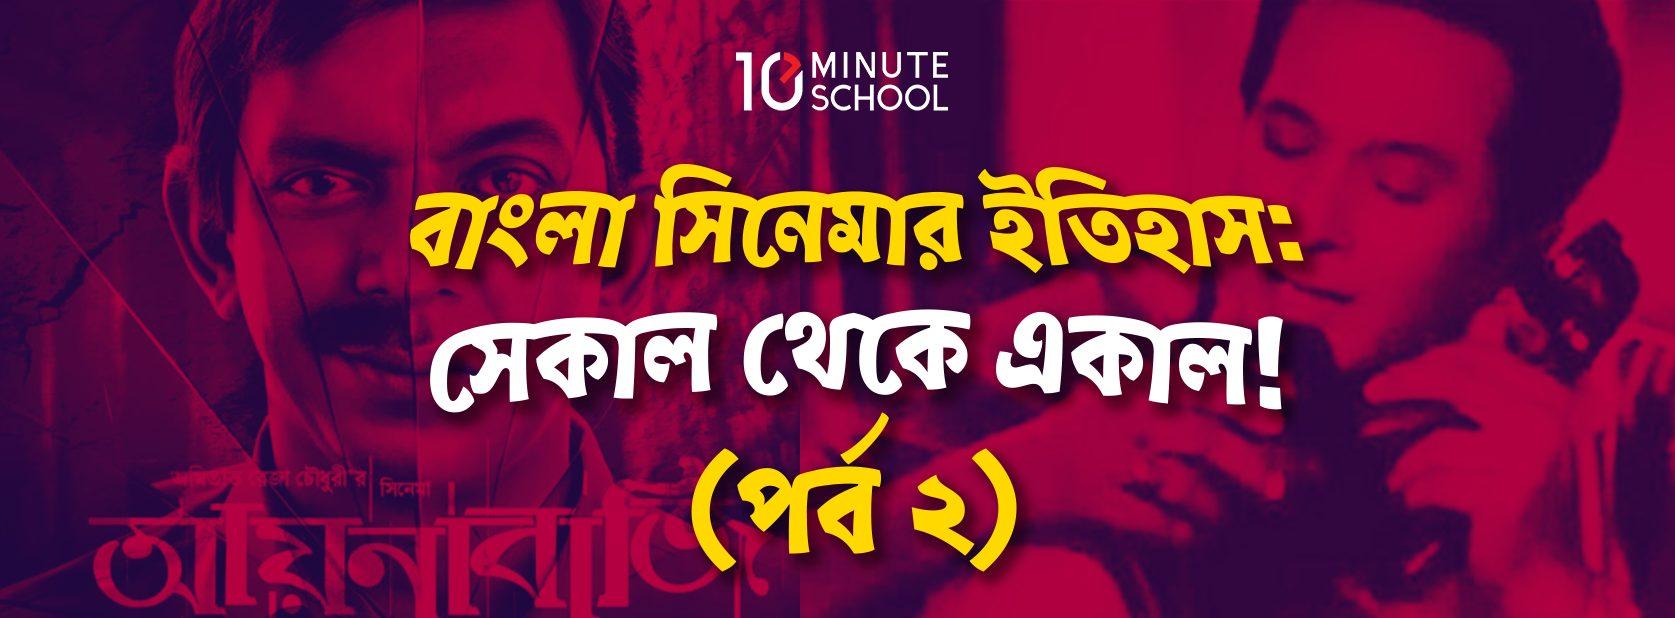 বাংলা সিনেমার ইতিহাস: সেকাল থেকে একাল! (পর্ব ২)